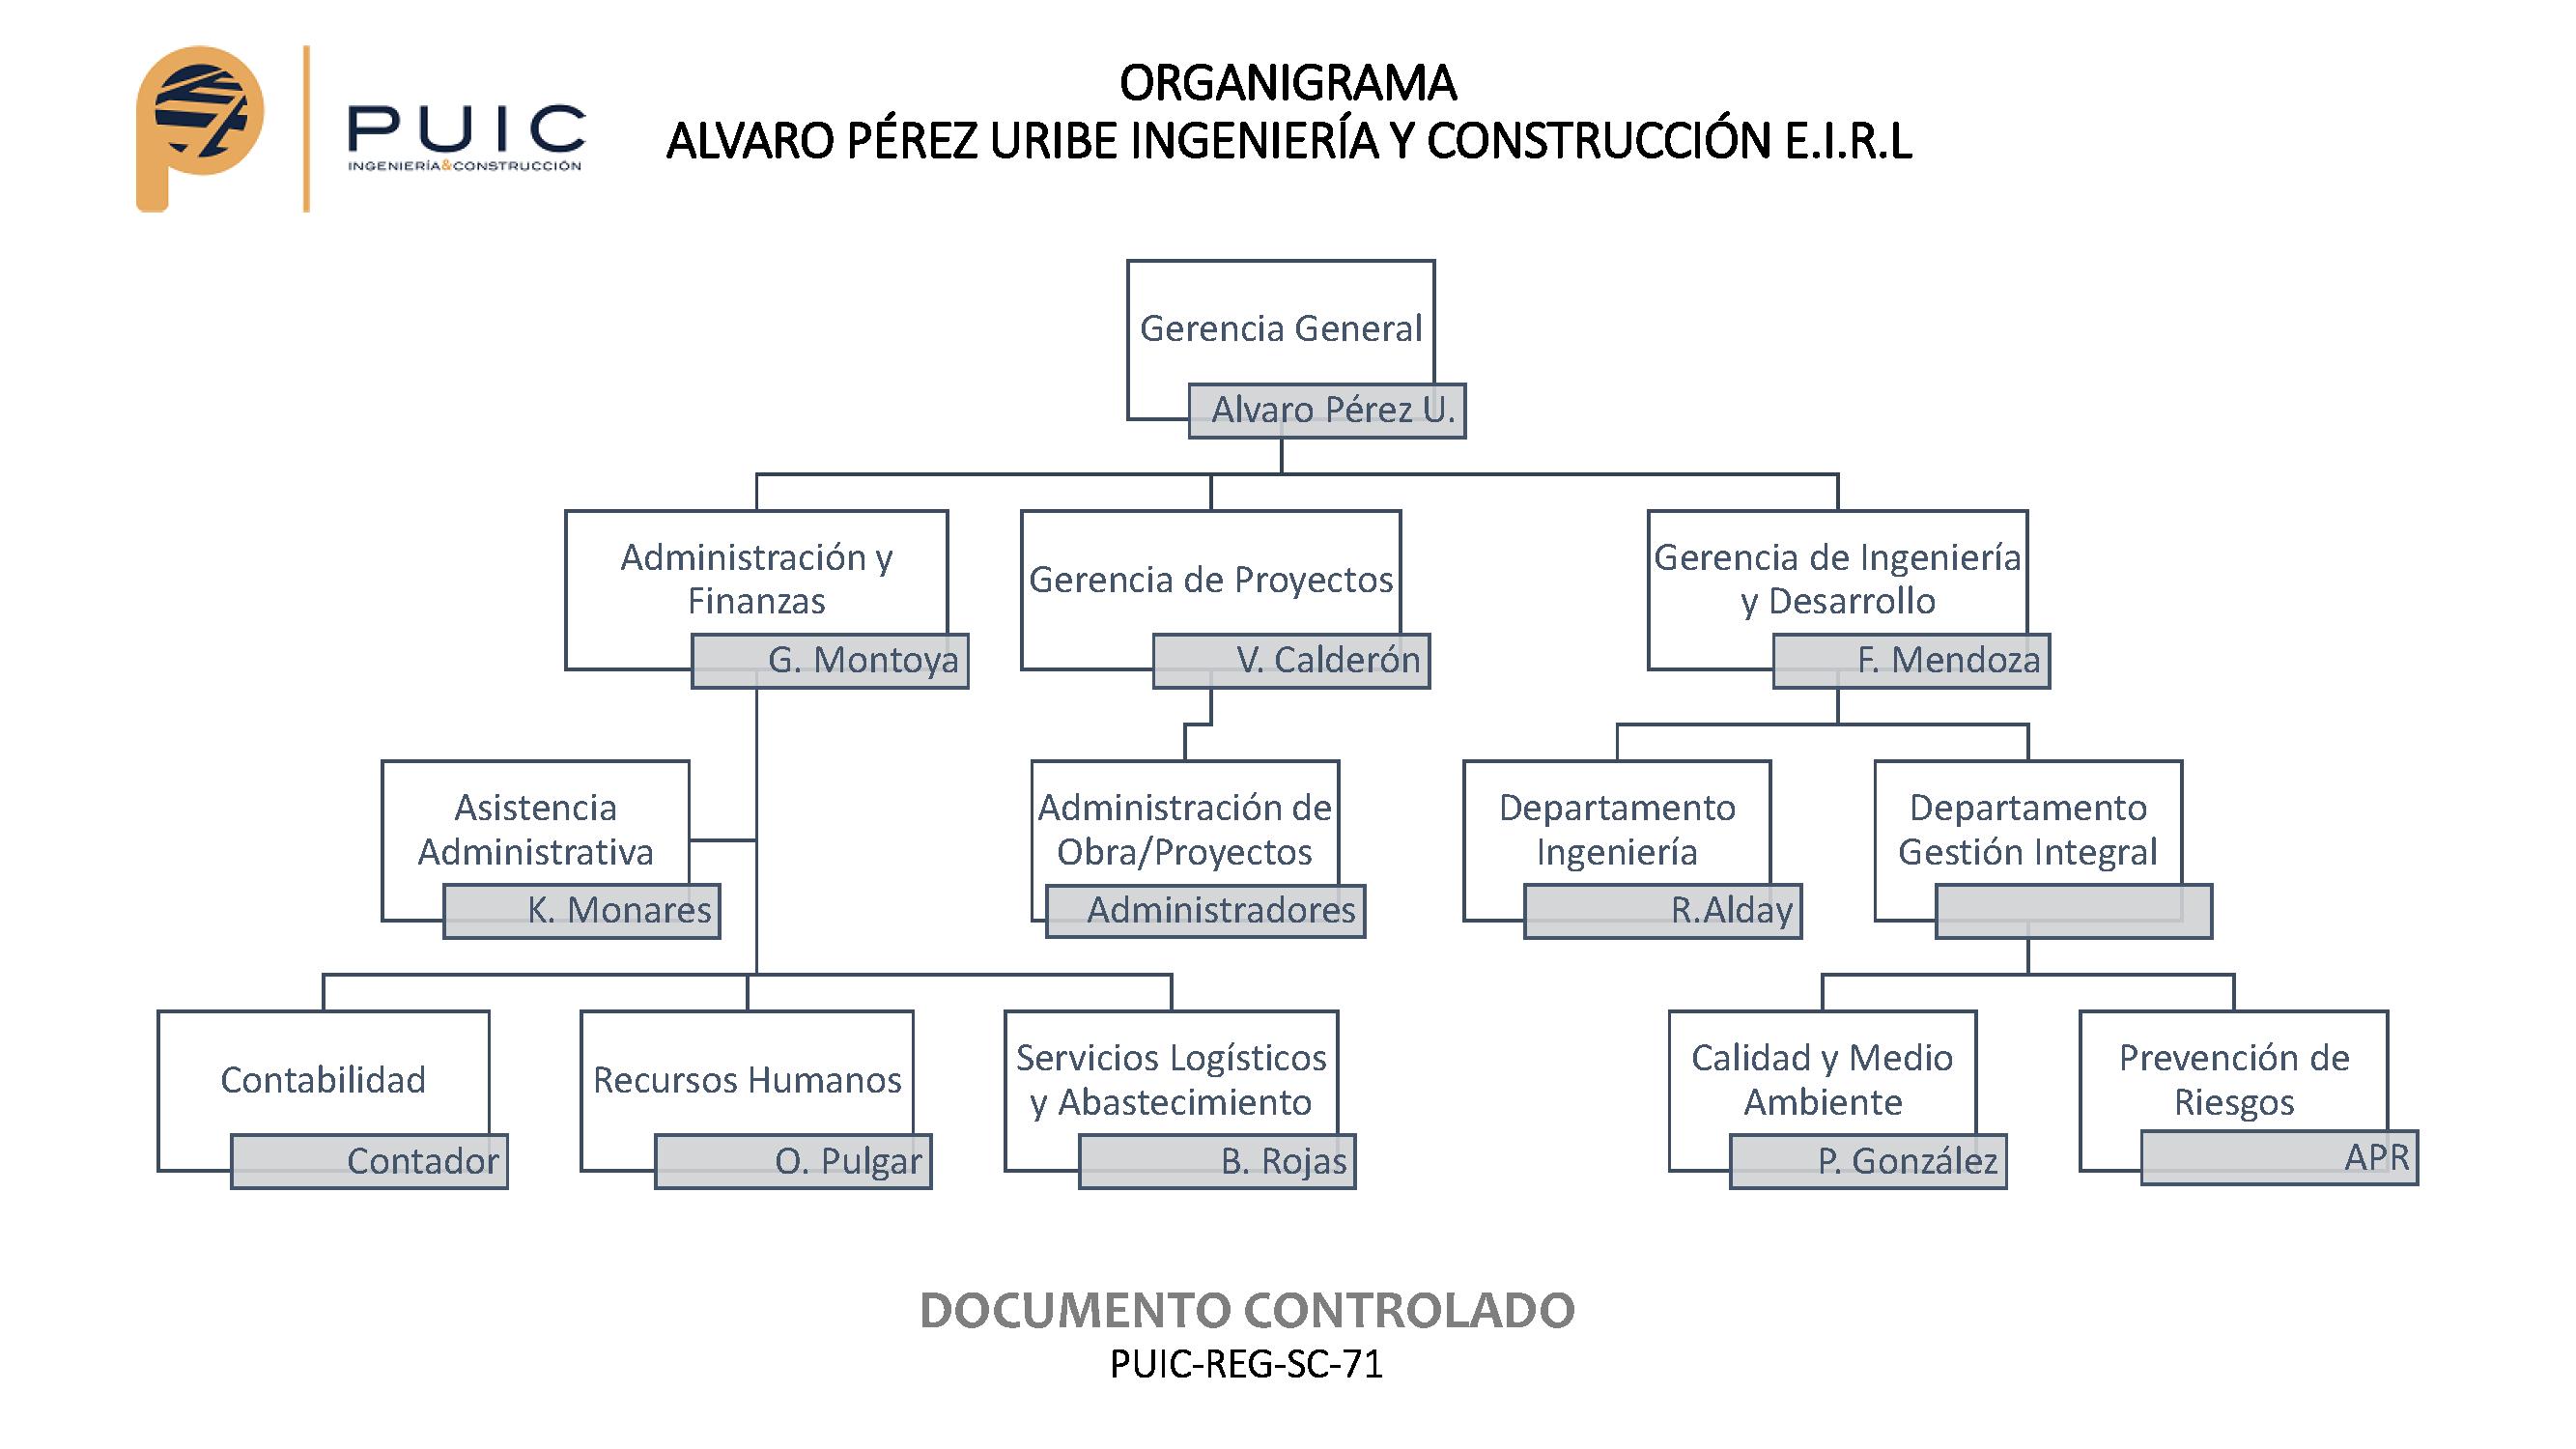 Organigrama PUIC SEPT 2021